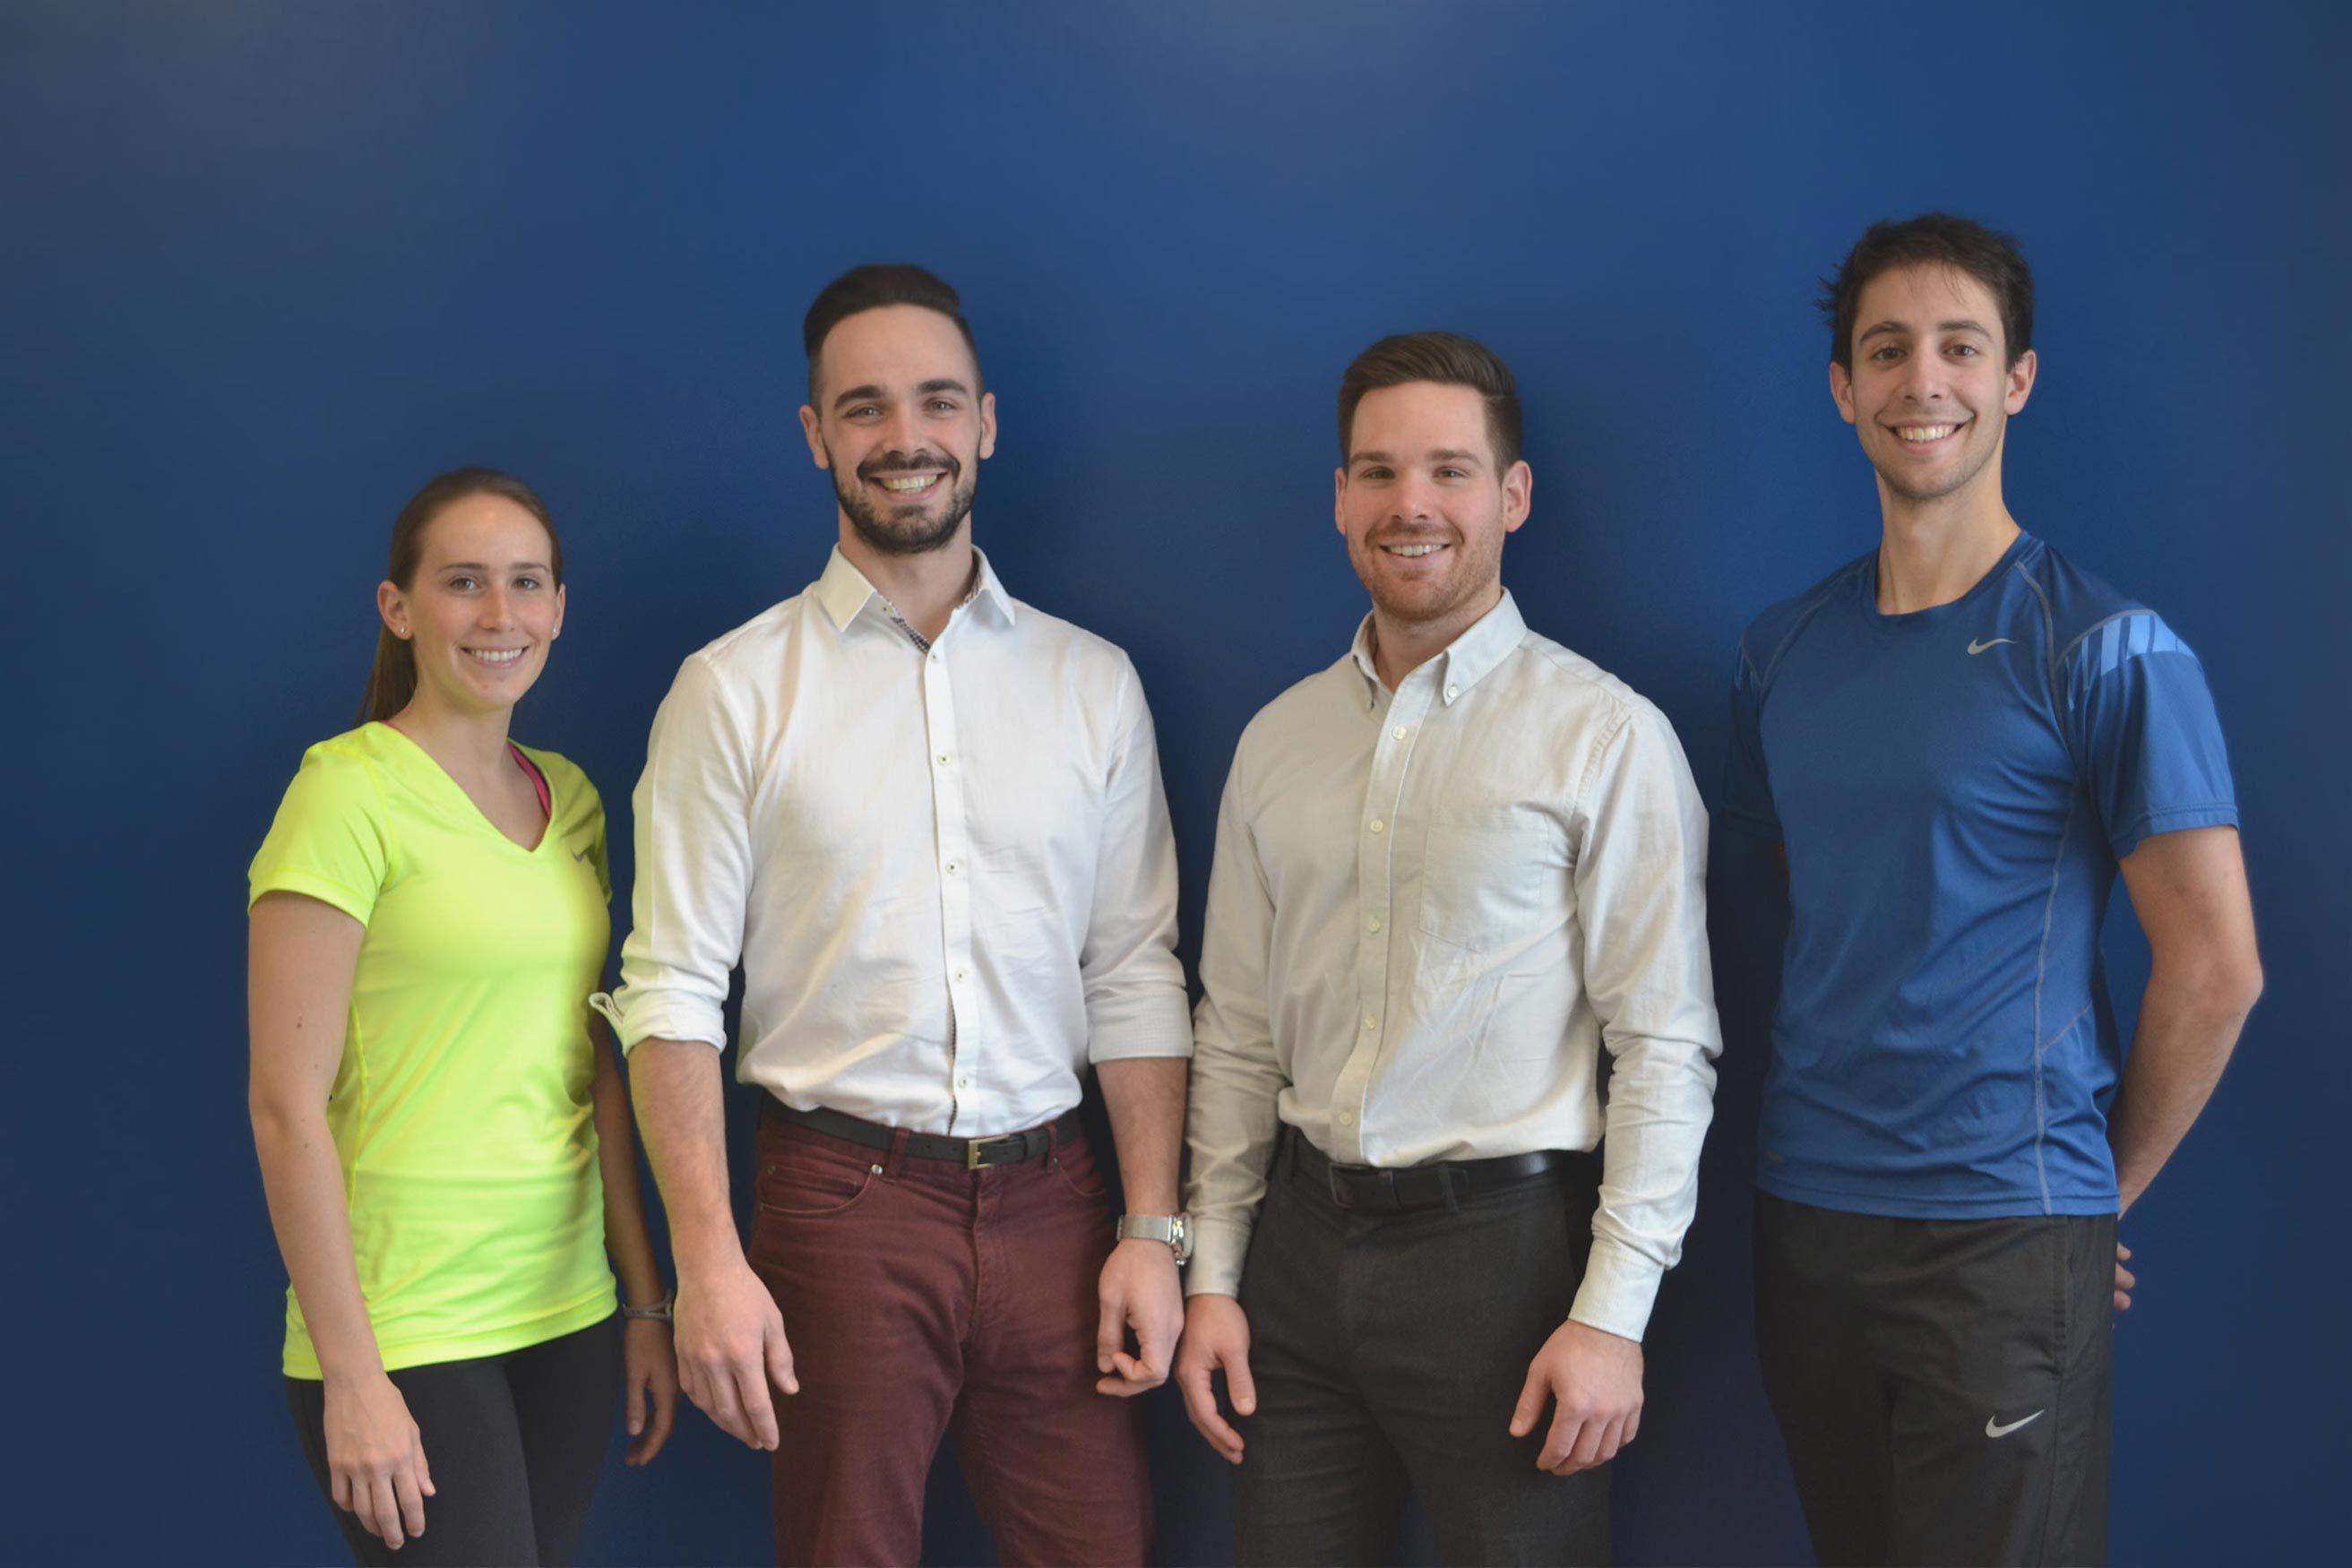 L'équipe de la clinique chiropratique Laurea à Blainville